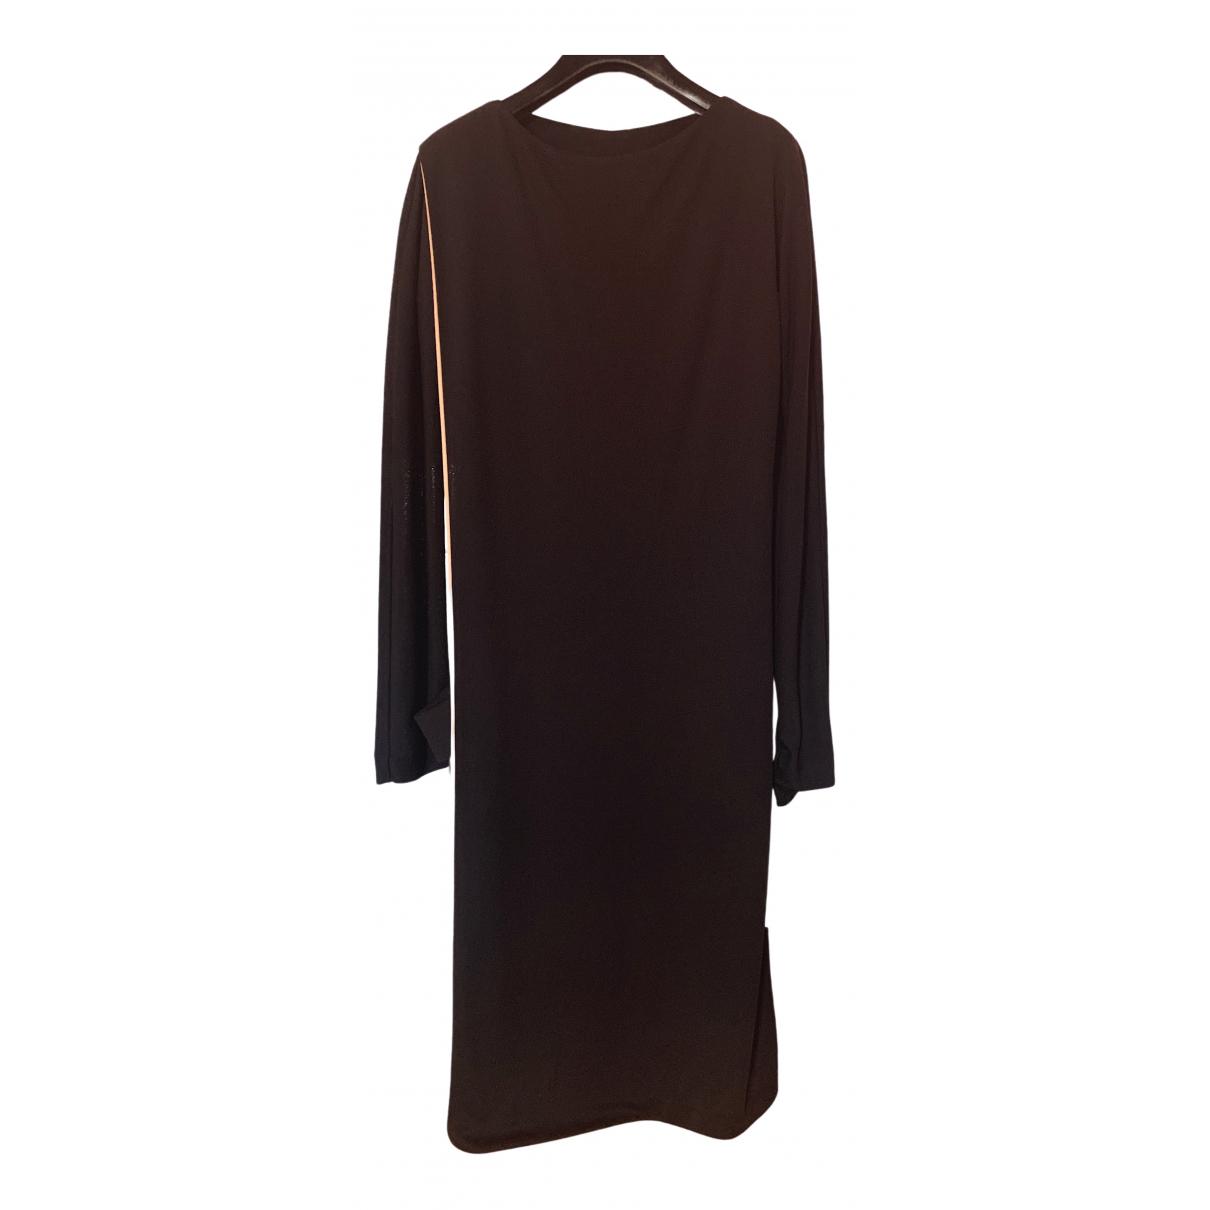 Jean Paul Gaultier \N Black dress for Women M International